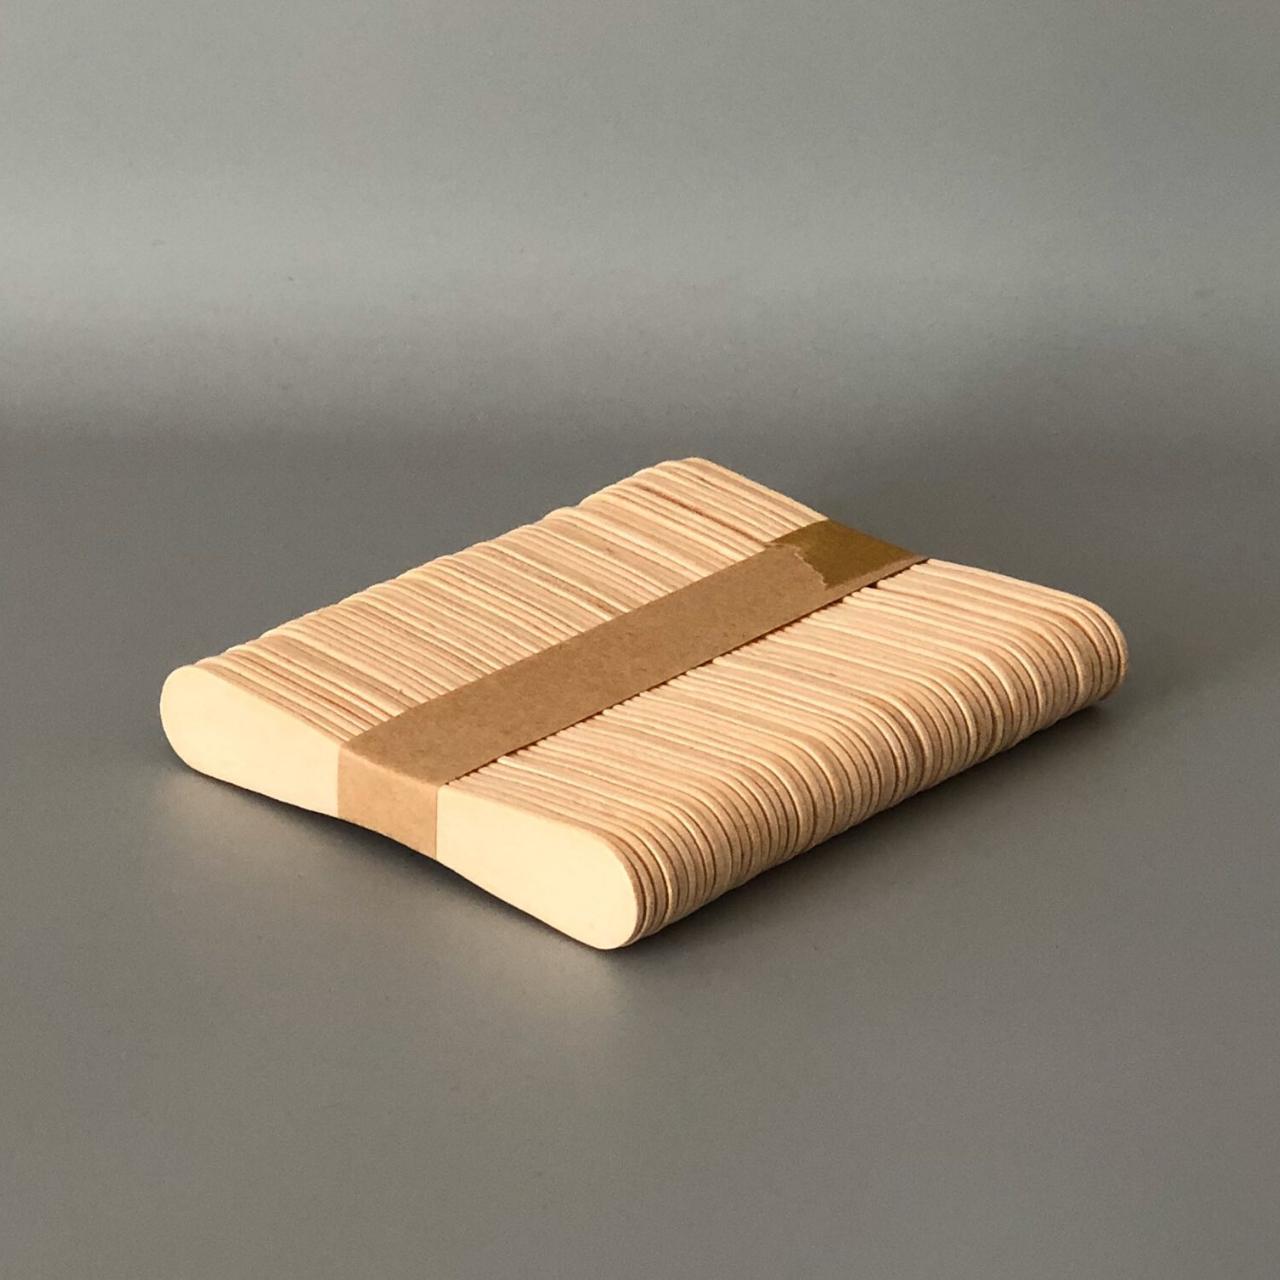 Палочки для мороженого, магнум/весло, 94х17/11х2 мм (50 шт.)